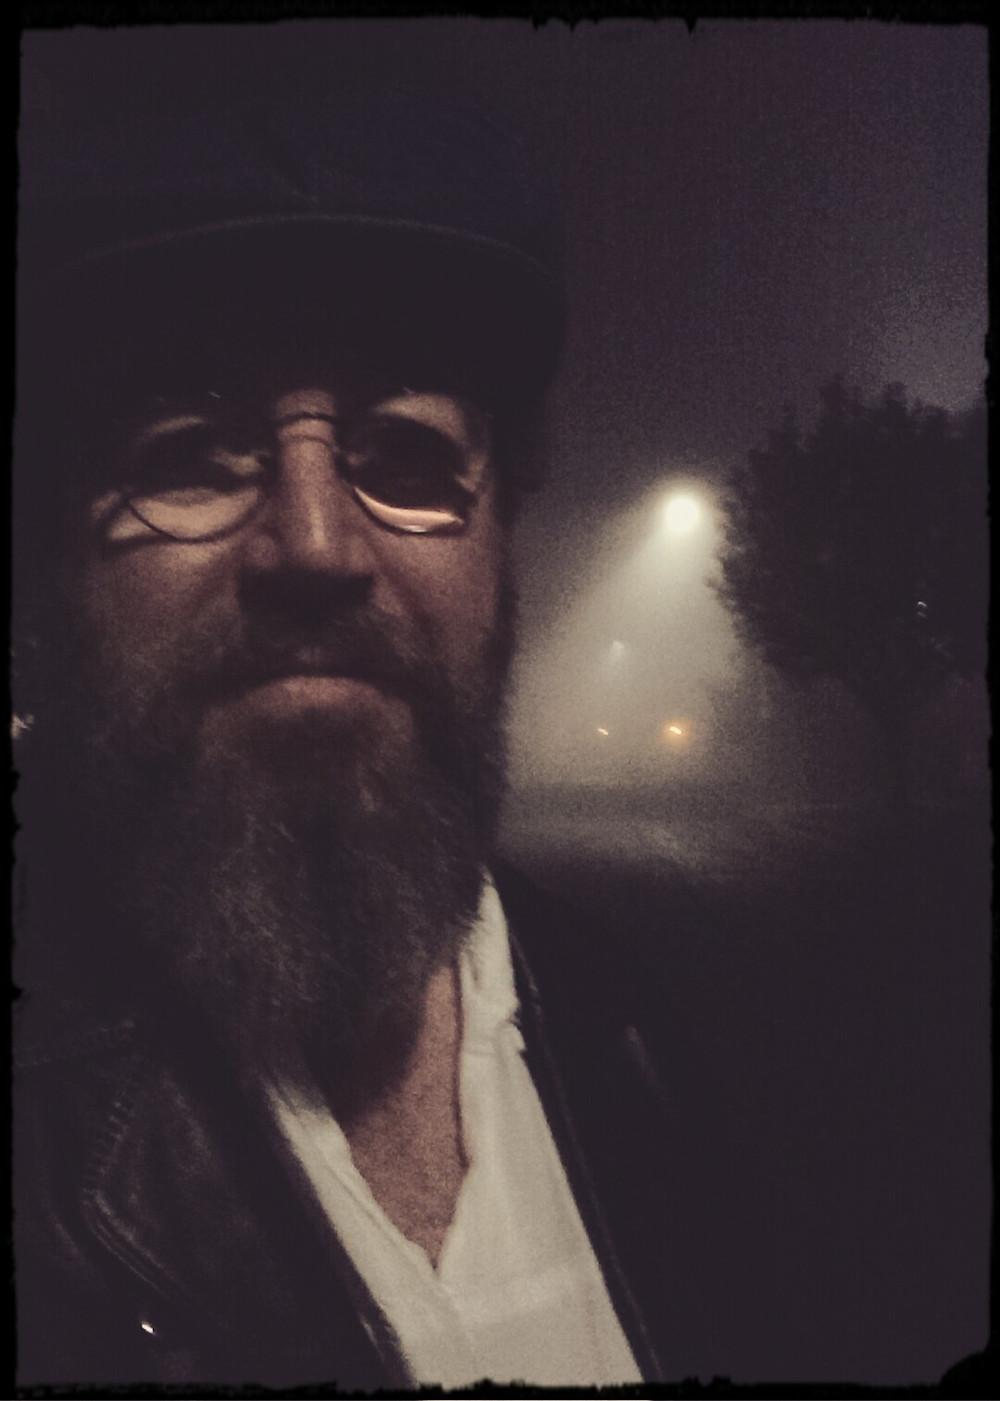 Heshy on a foggy night